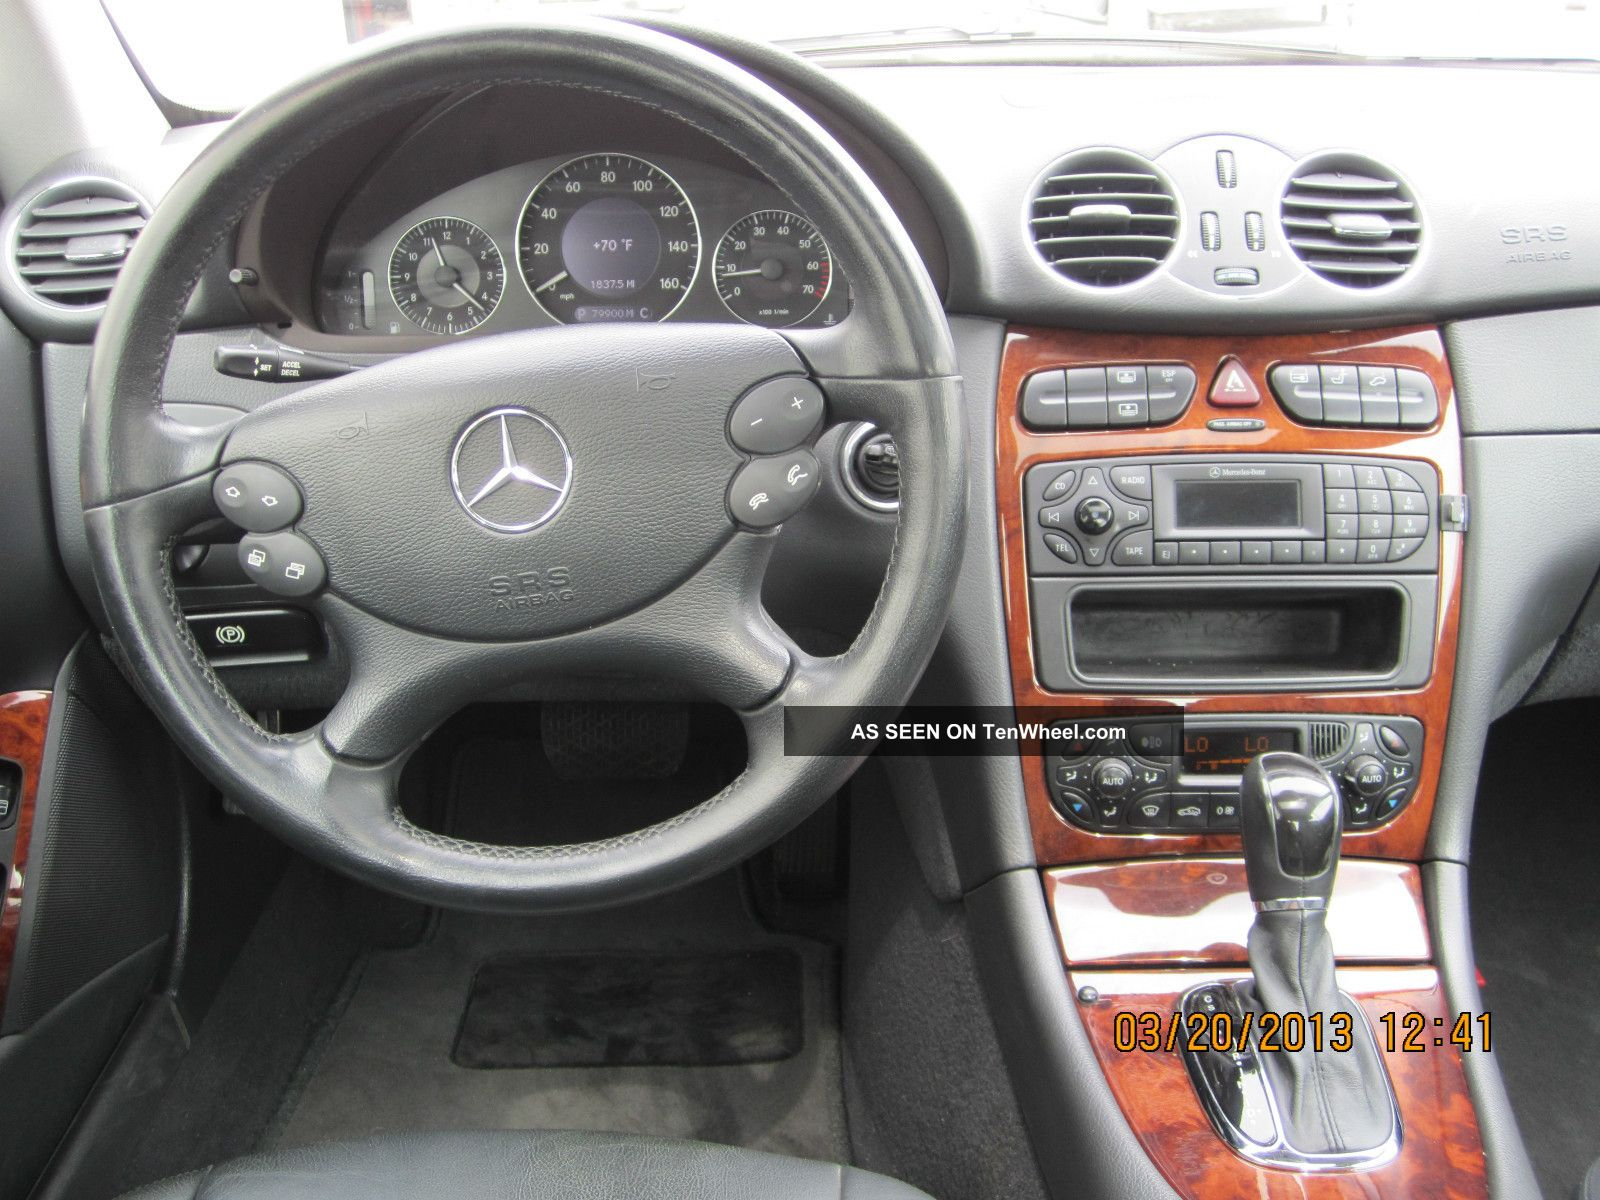 2004 Mercedes Benz Clk320 Base Coupe 2 Door 3. 2l CLK Class photo  #9F4A2C